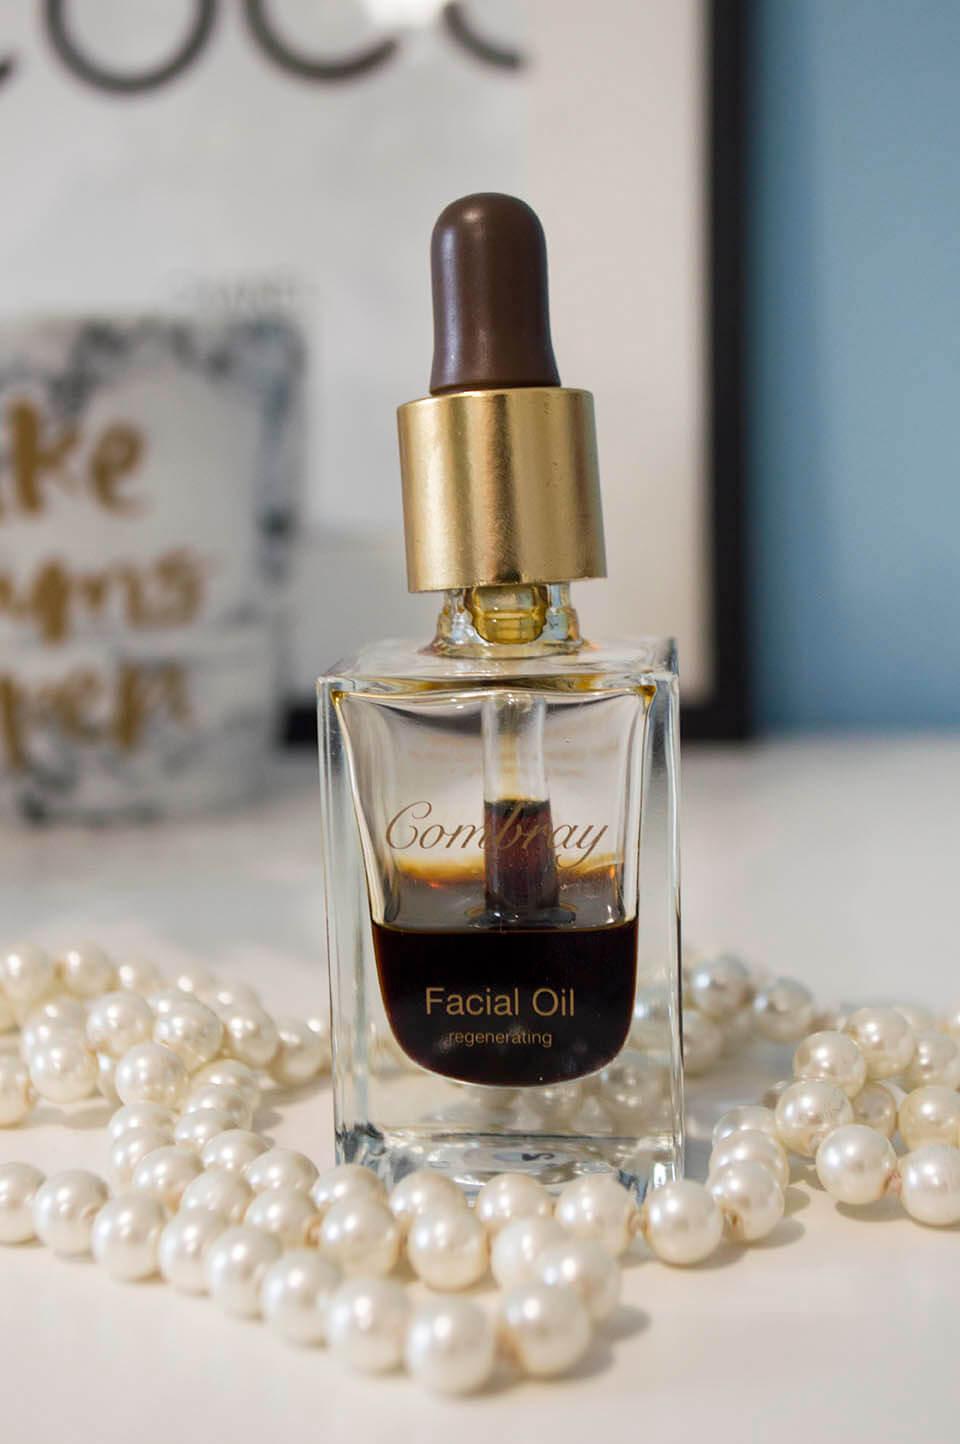 Facial oil Review: Combray